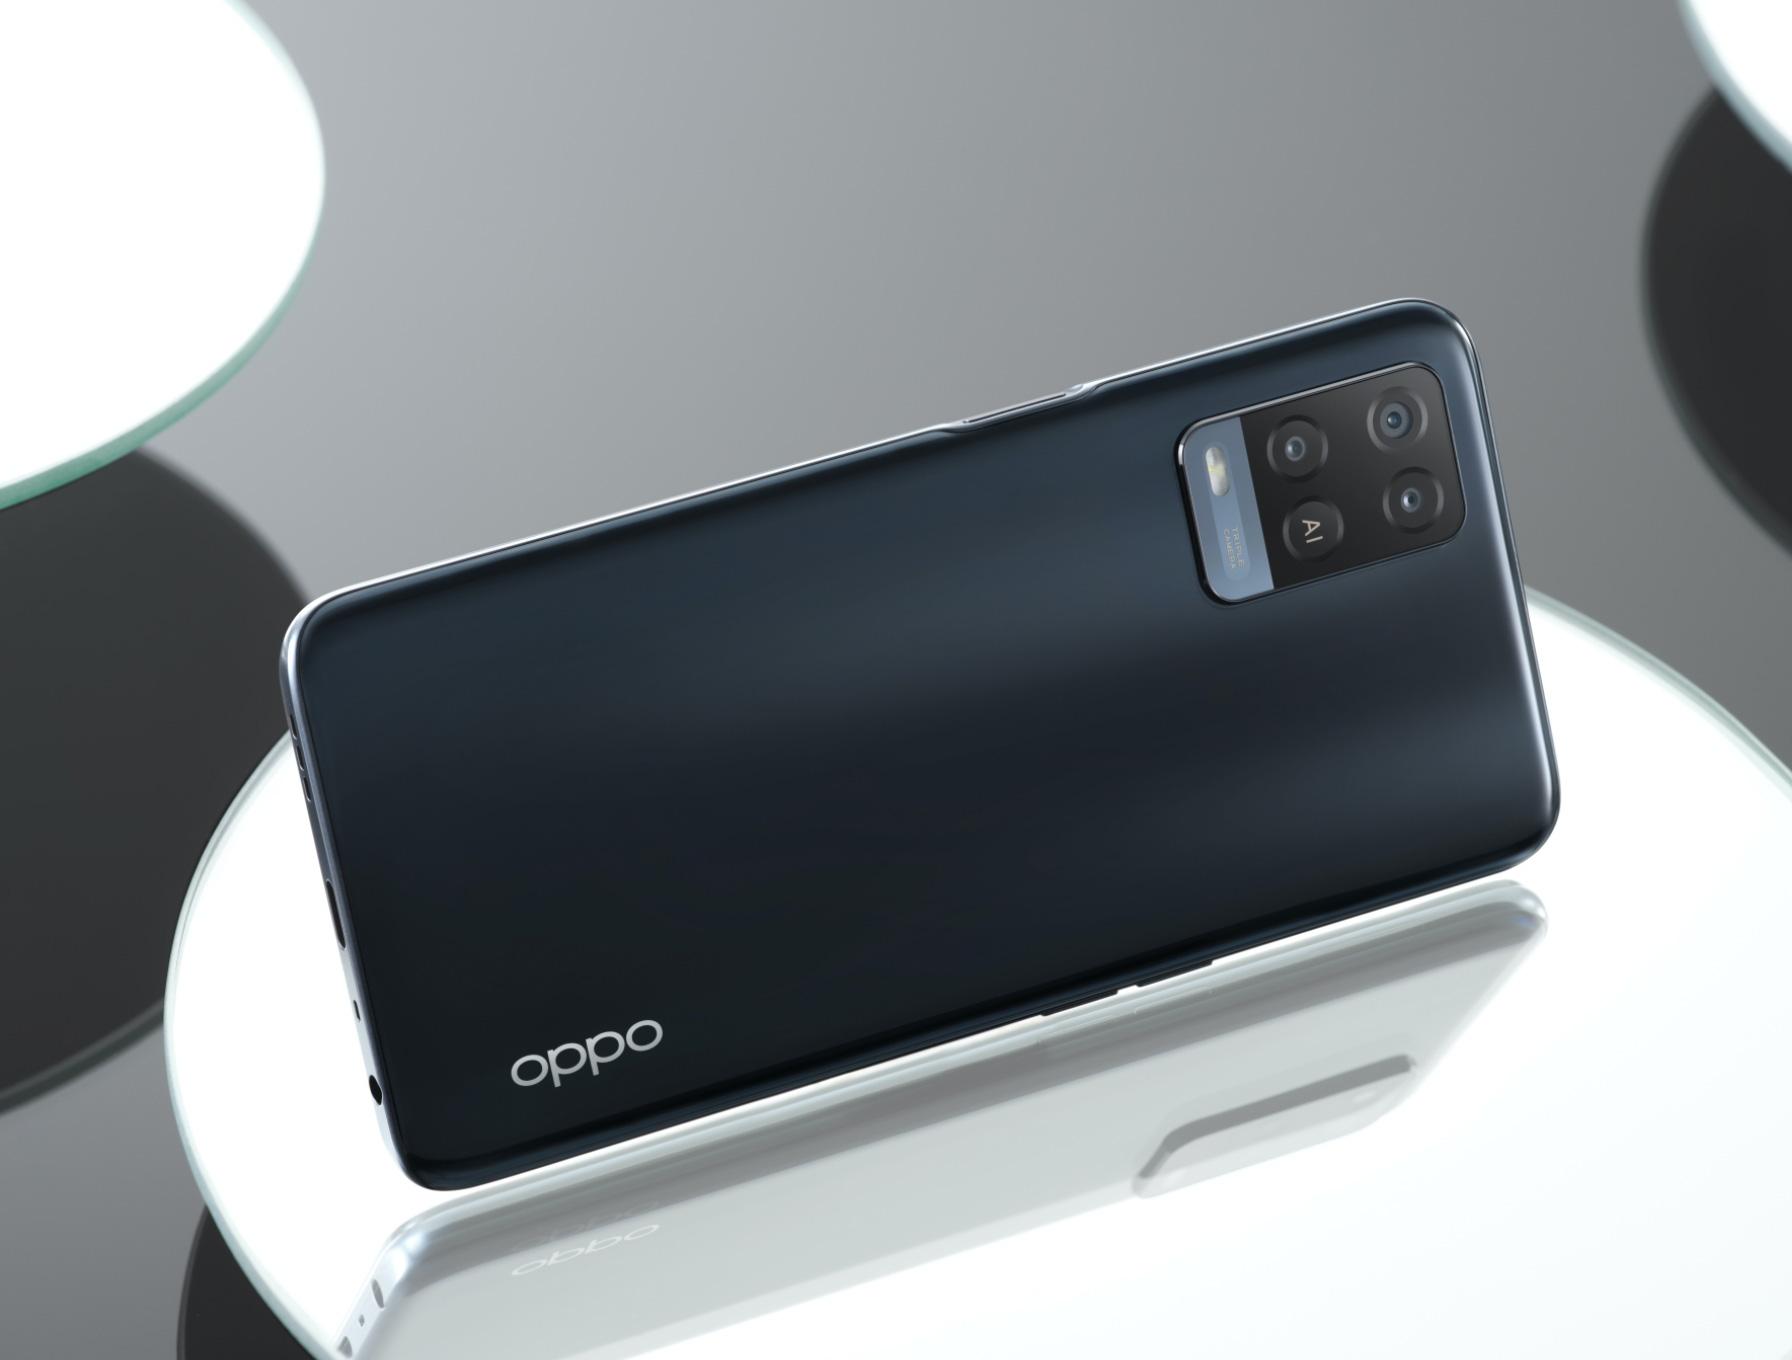 أيهما أفضل في هذه الفئة السعرية Redmi 10 أم Oppo A54